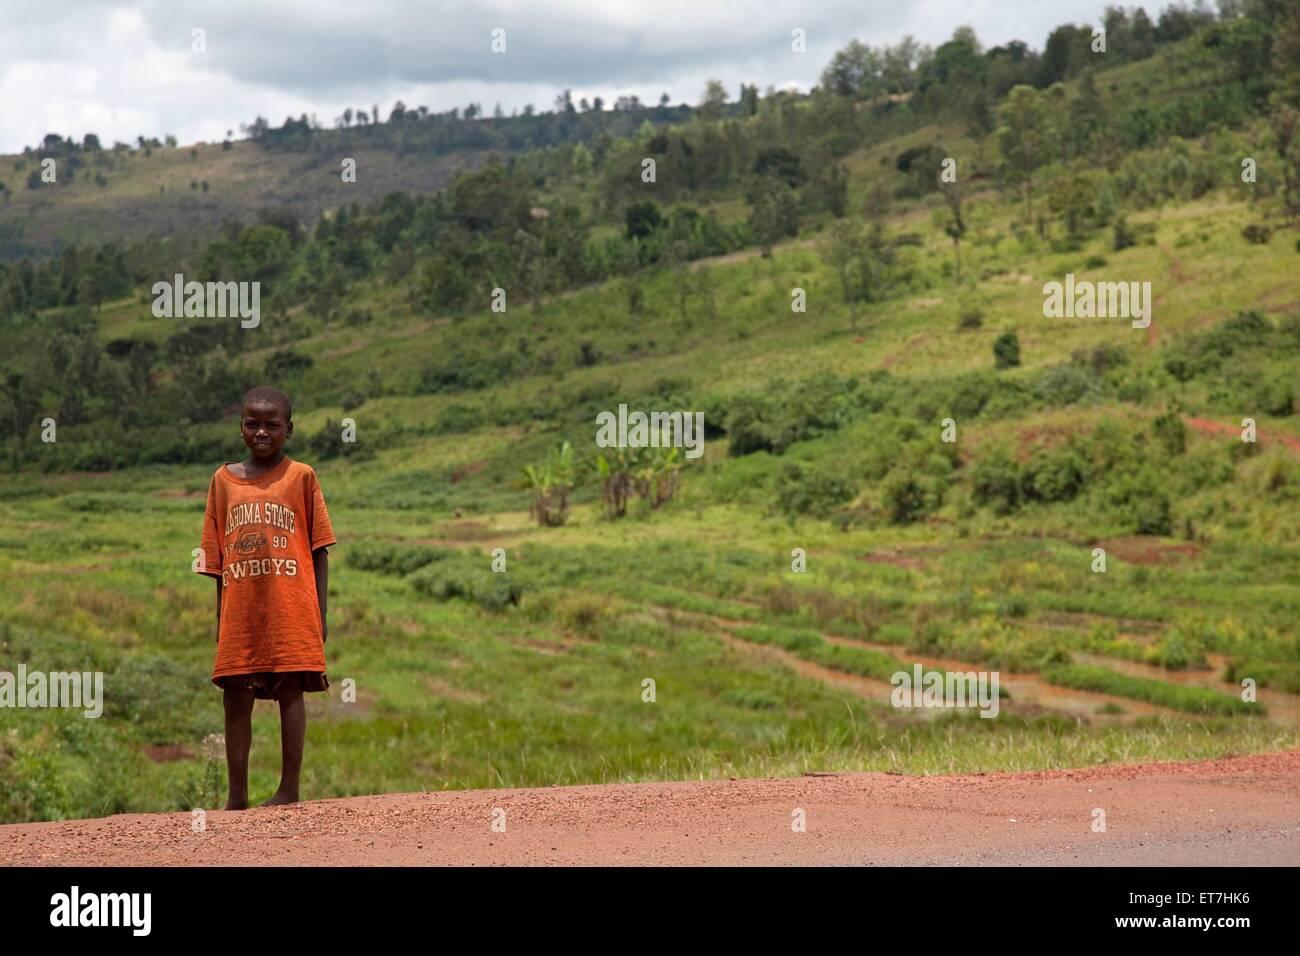 ein kleiner Junge steht vor bestellten Feldern am Rande einer Strasse, Burundi, Kirundo, Kirundo | little boy standing - Stock Image